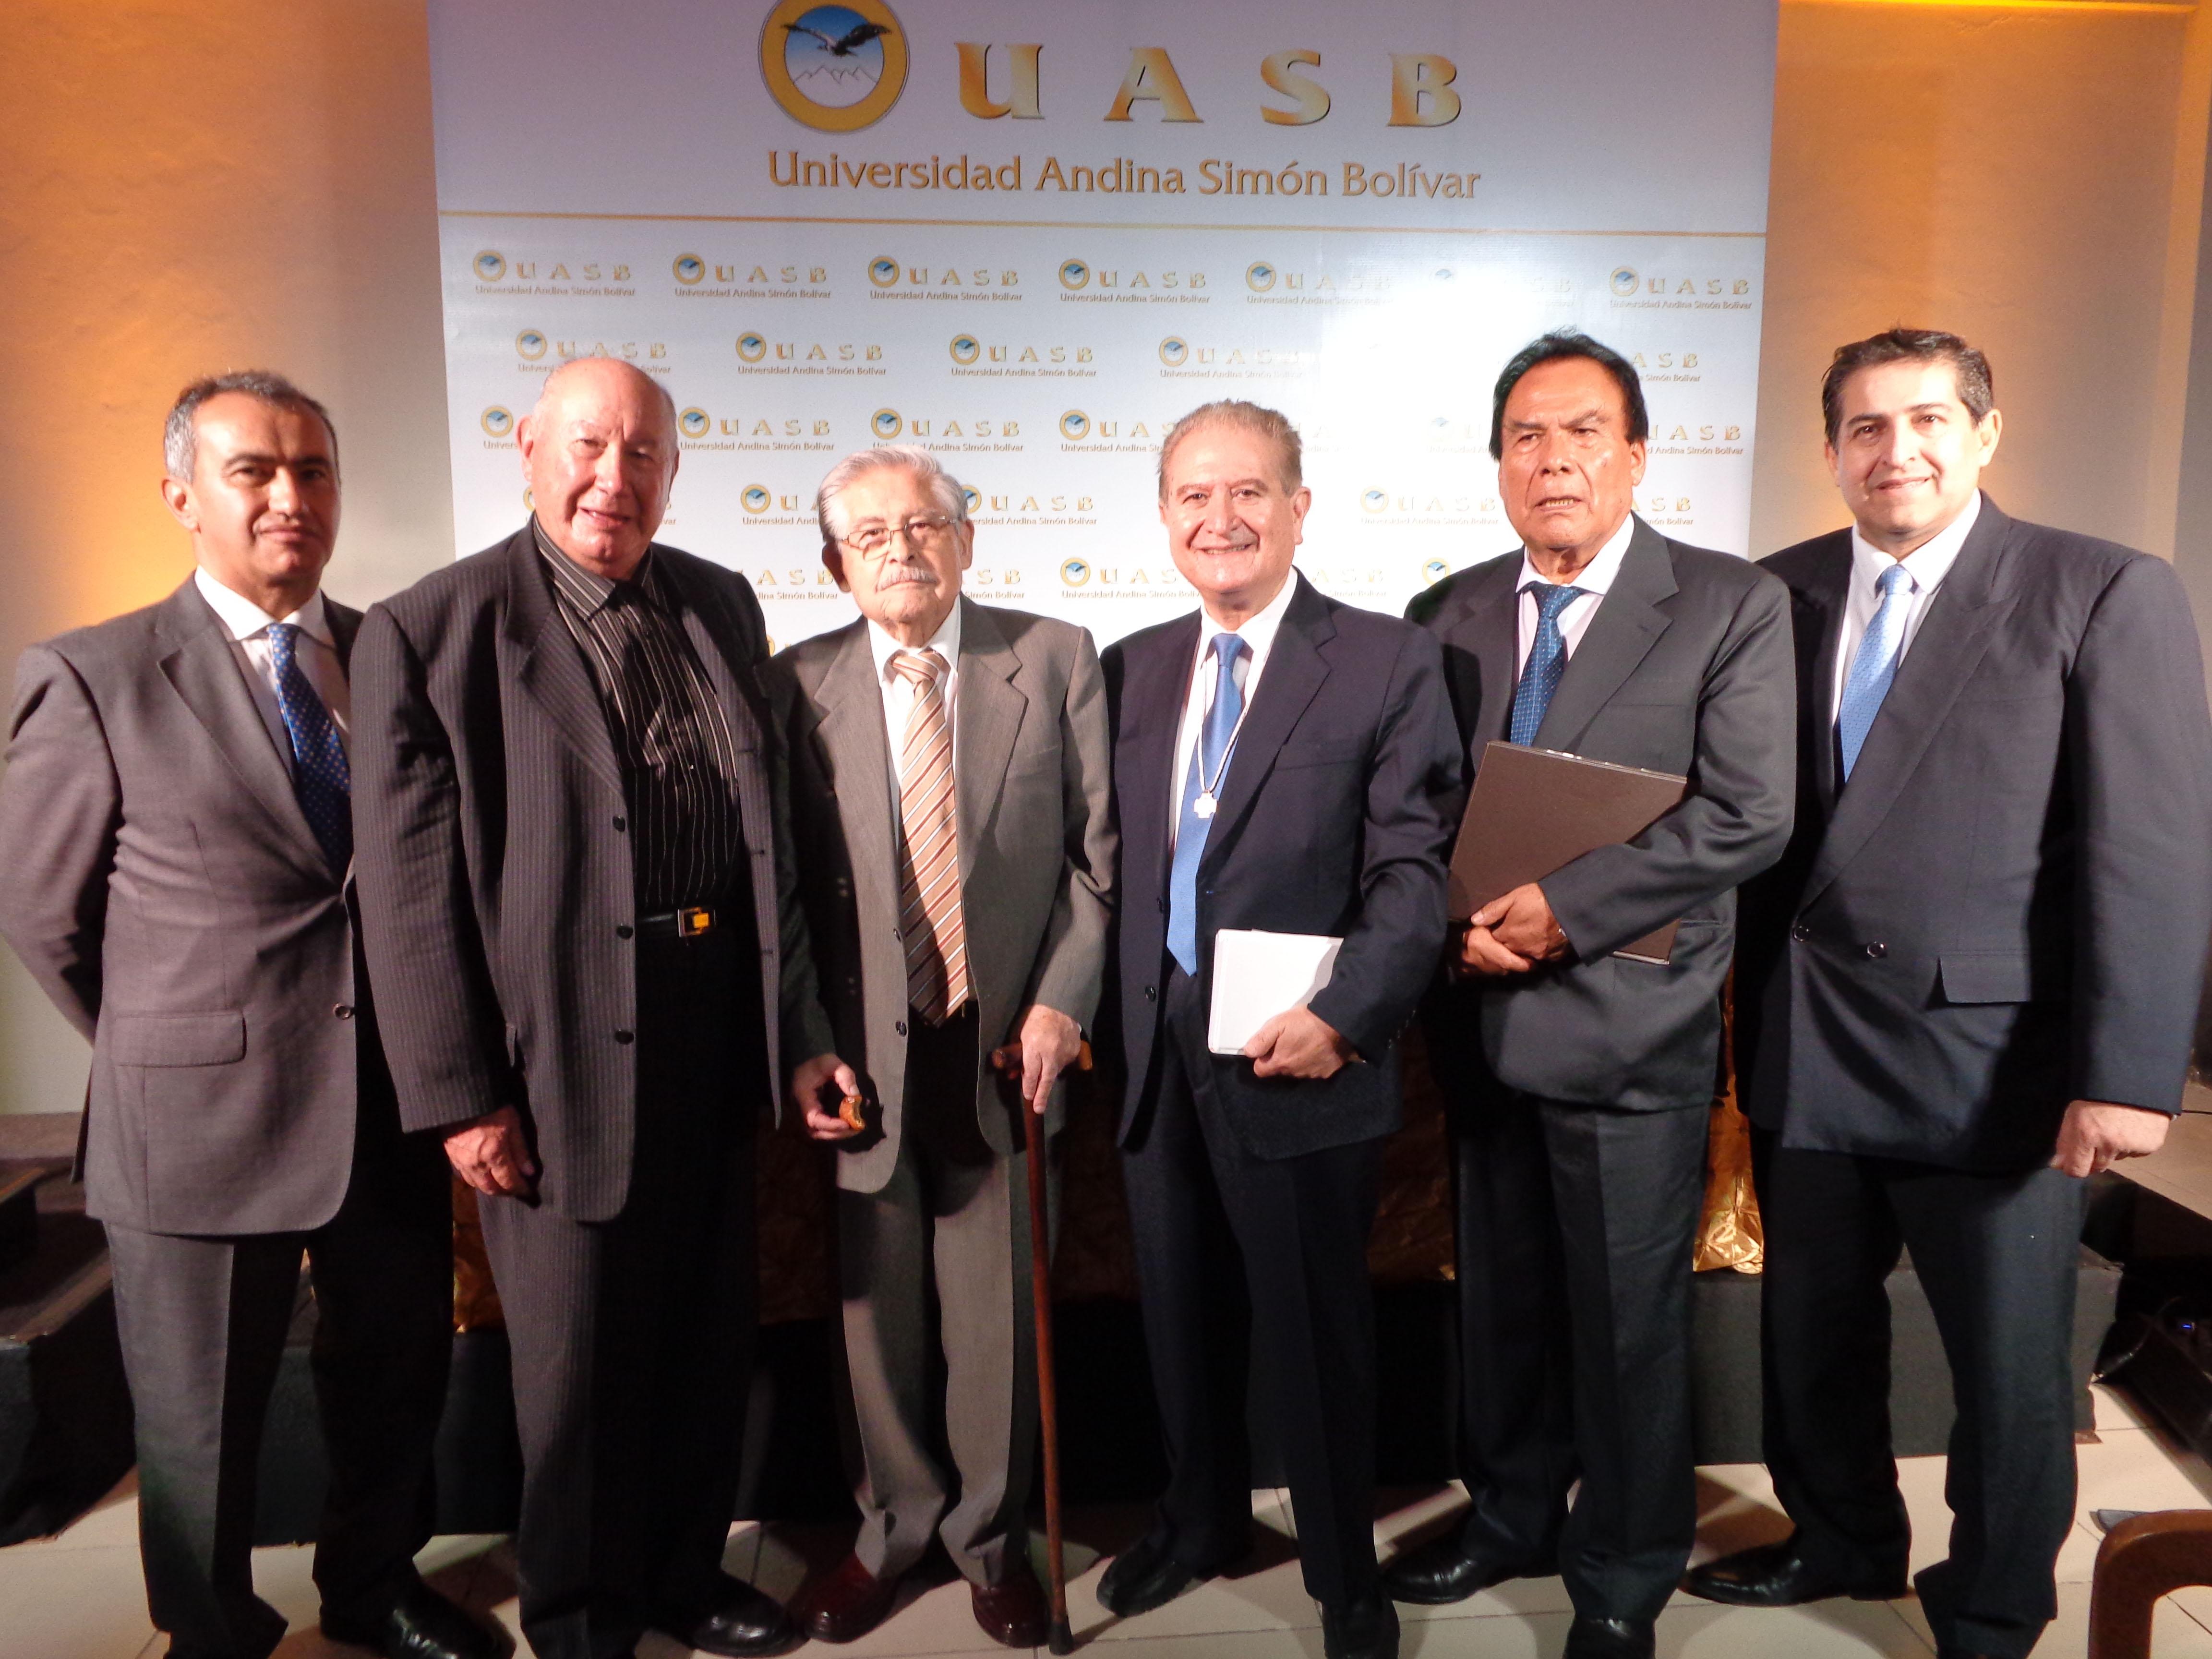 Dr. Cesar Montaño, Dr. Walter Kaune, Dr. Gastón Ledezma, Dr. José Luis Gutiérrez, Dr. Jaime Villalta, Dr. Duberty Soleto.